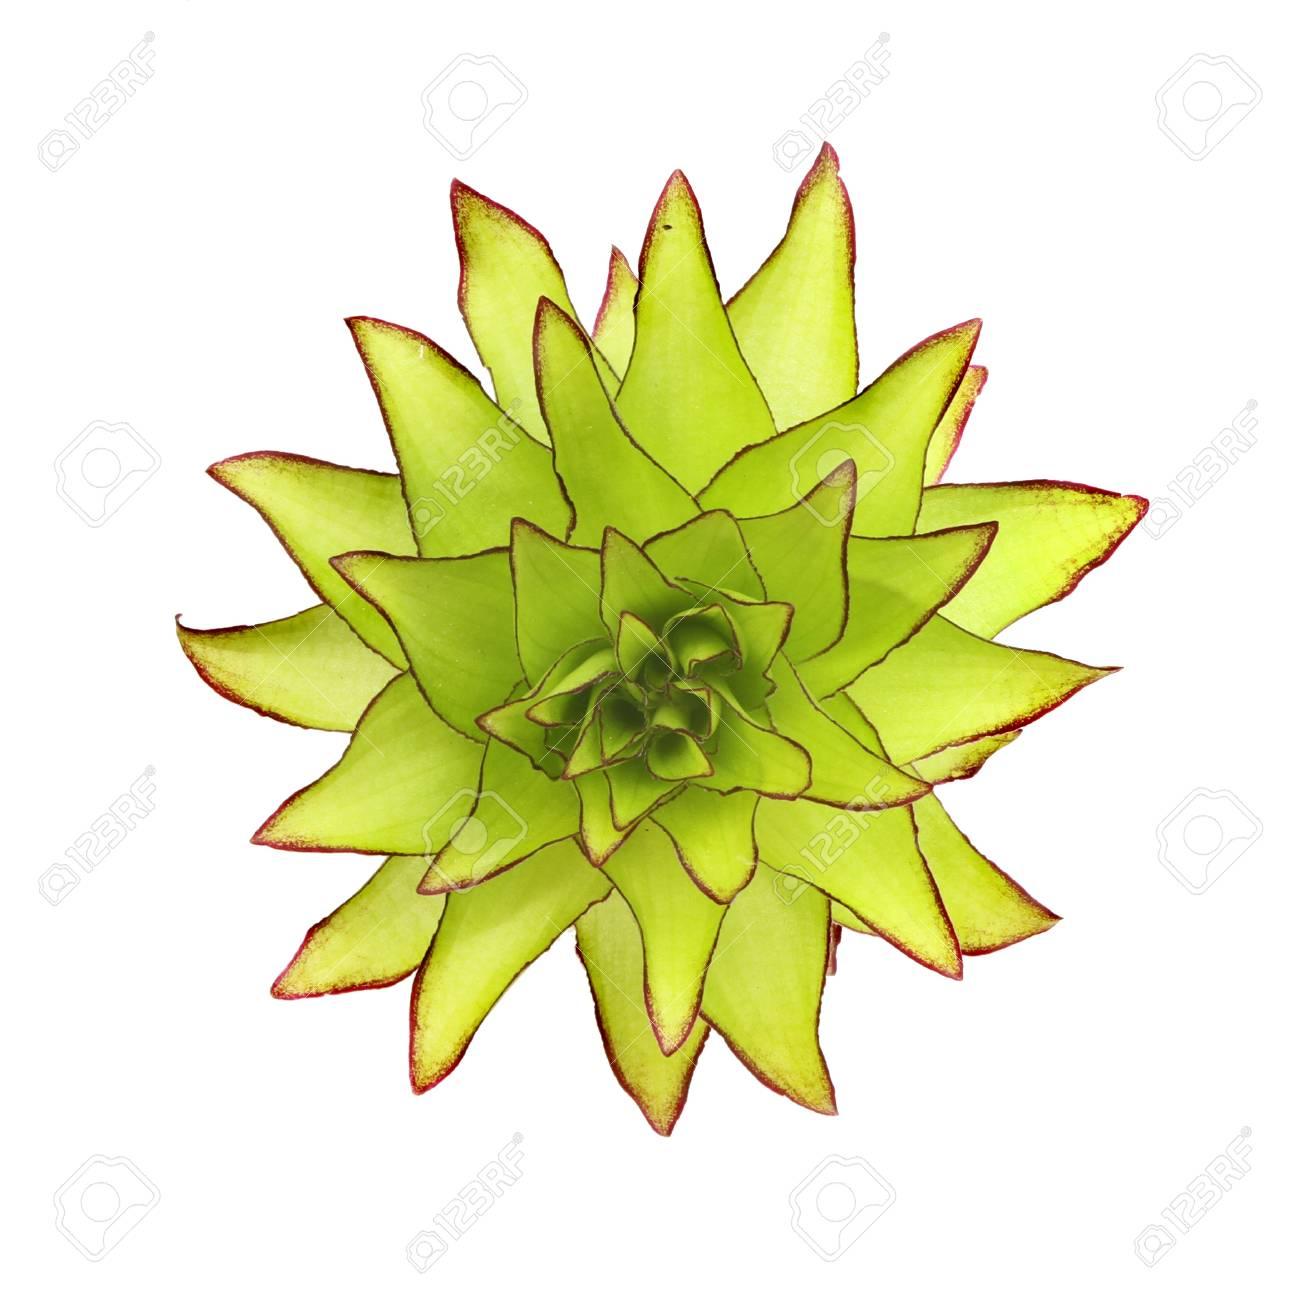 großansicht ansicht von oben von einem grünen ananas-blume gegen